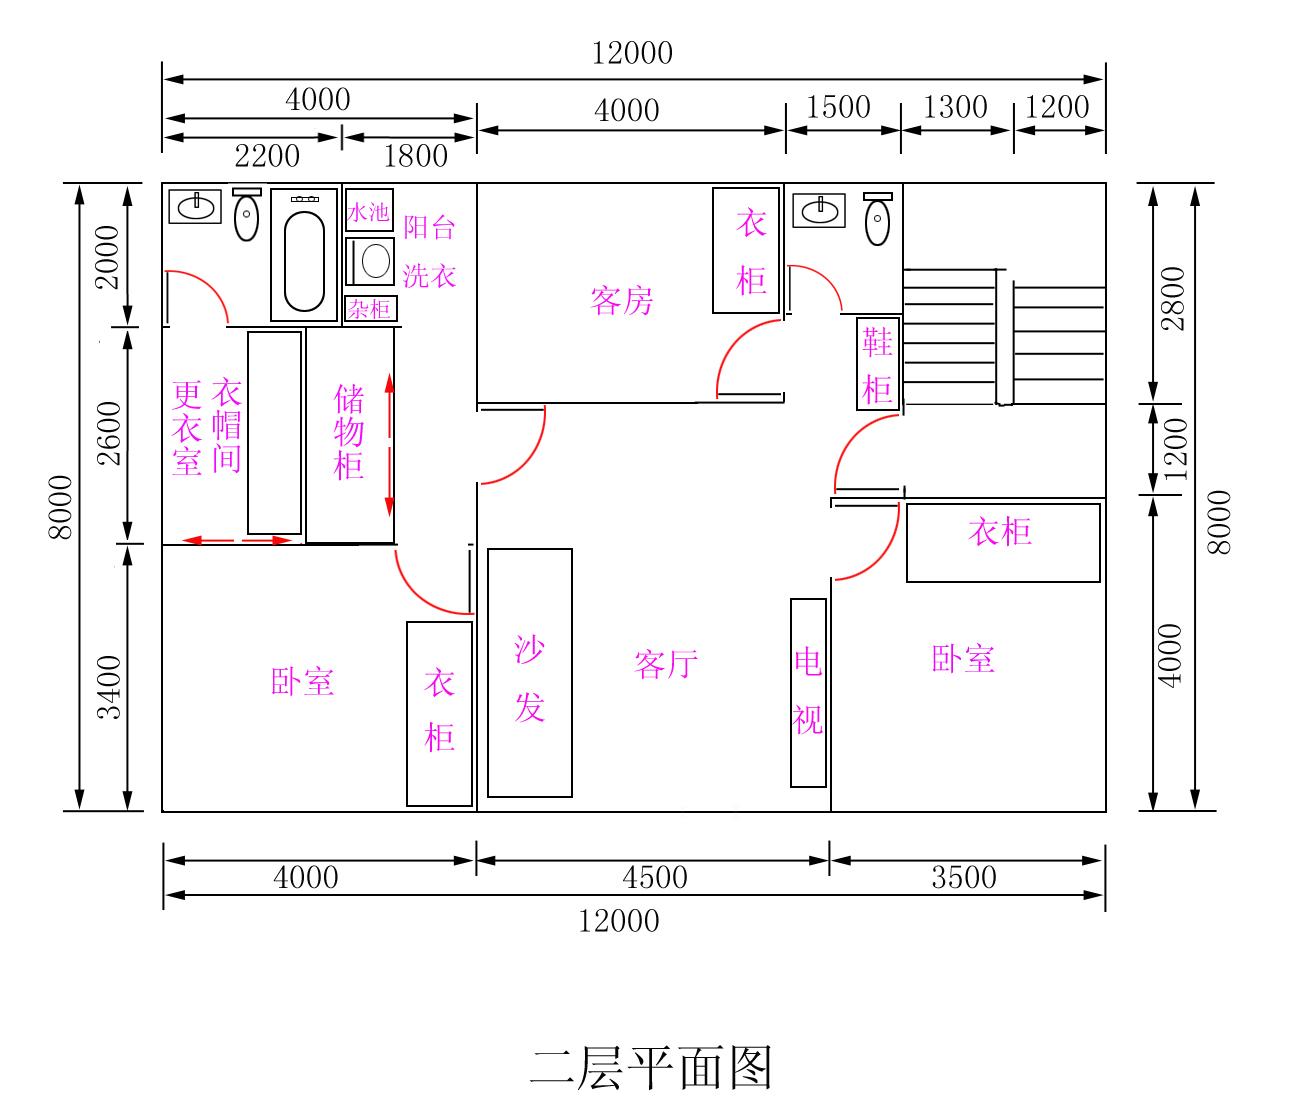 如何把长12米宽8米的地皮设计成三房两厅一厕所,要设计图图片